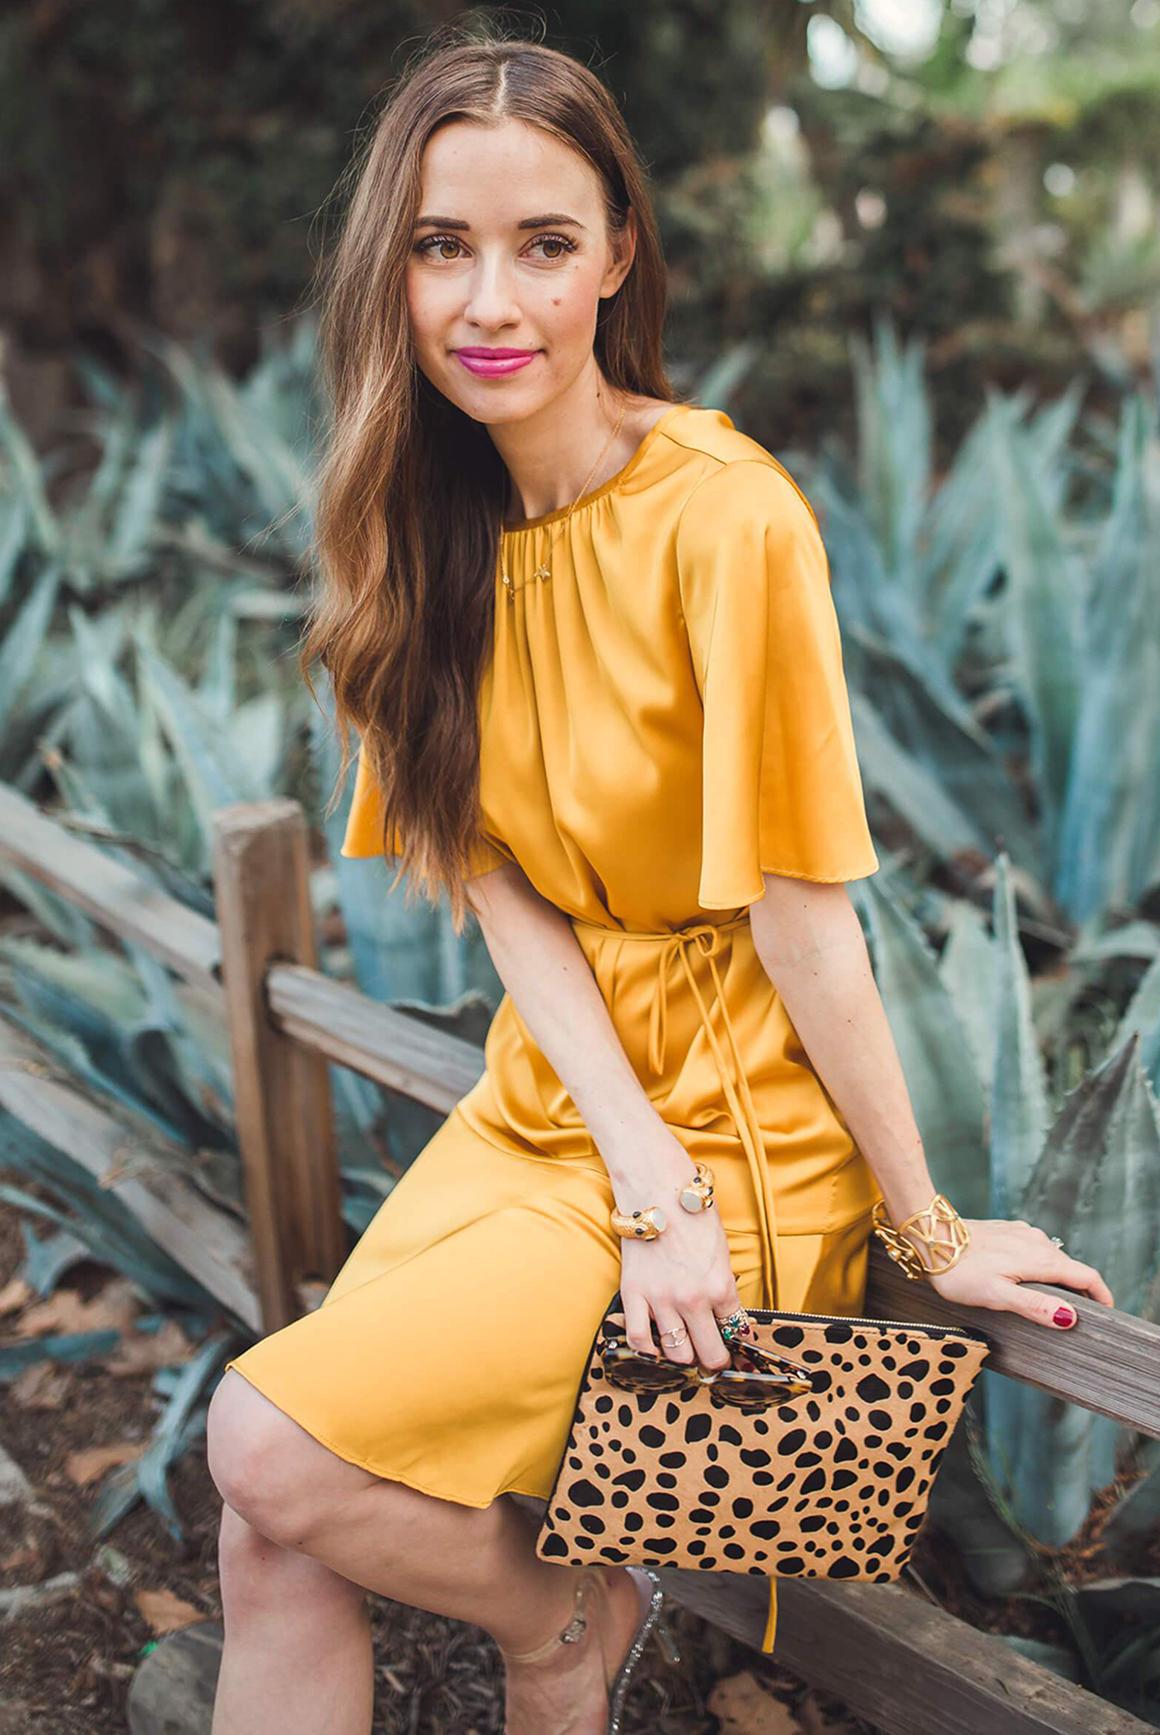 donna_morgan_mustard_tie_dress2.jpg